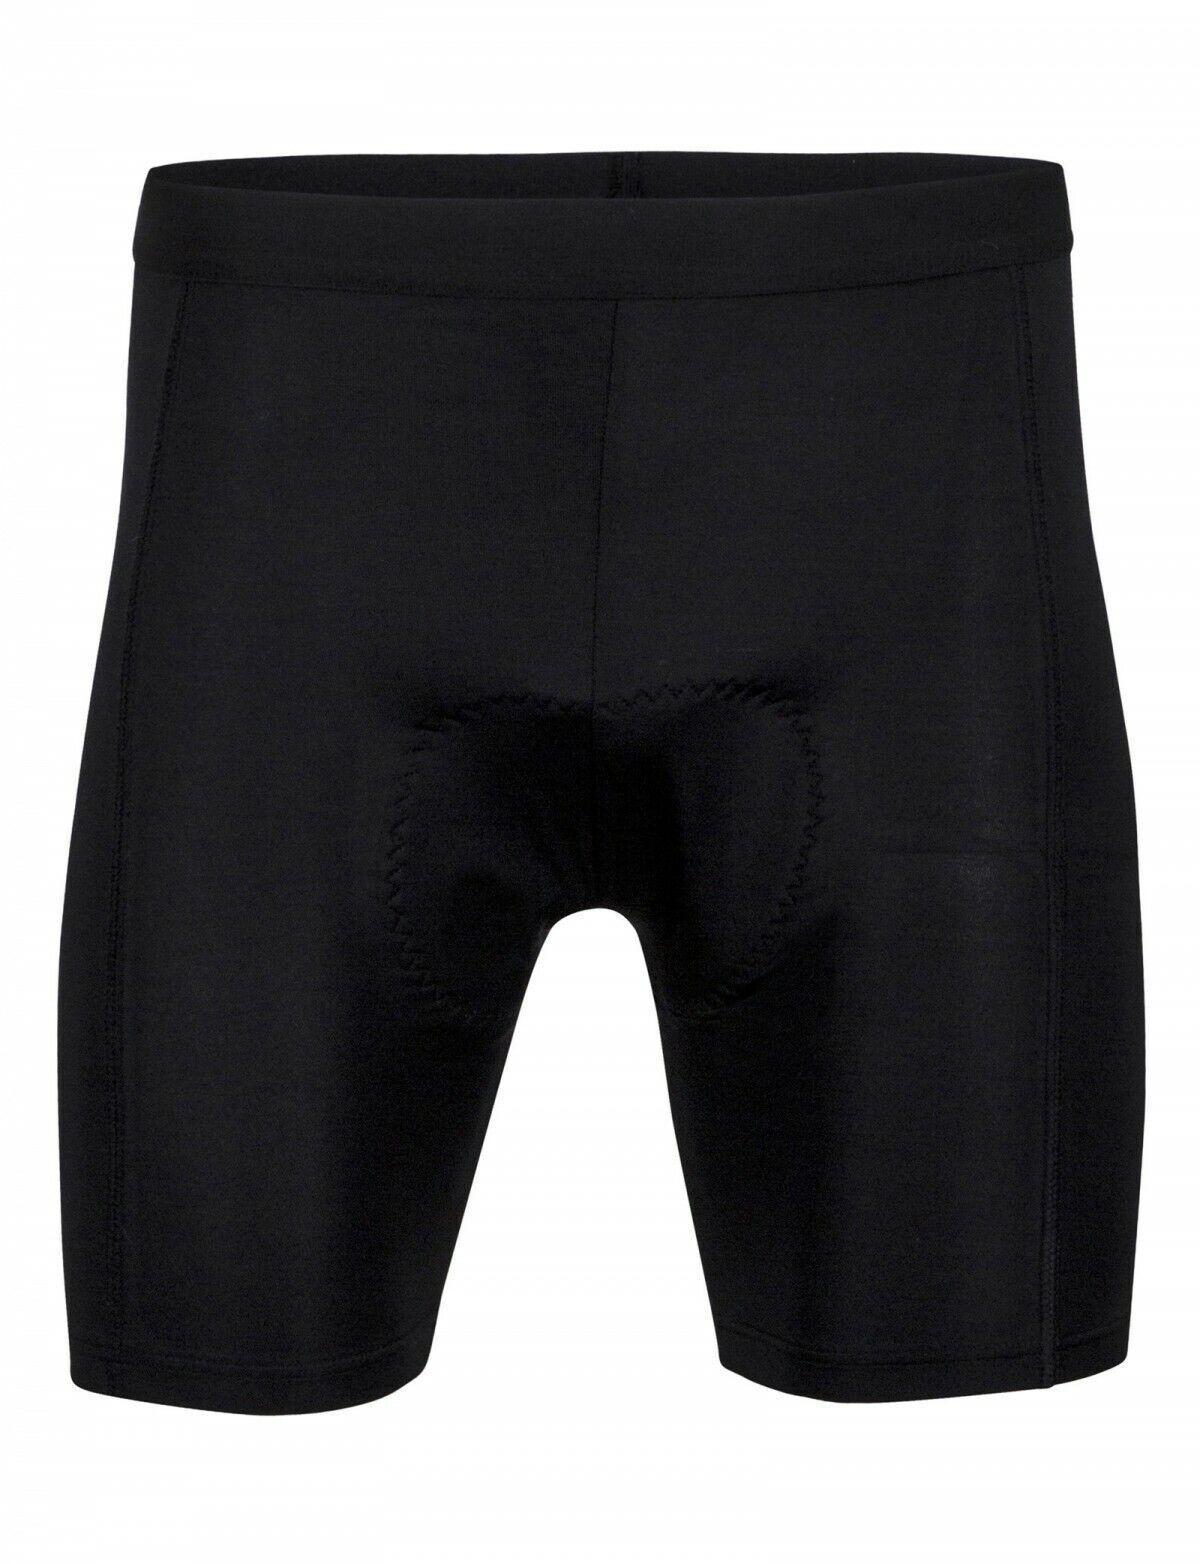 Boxer Santini Agile 2.0 schwarz